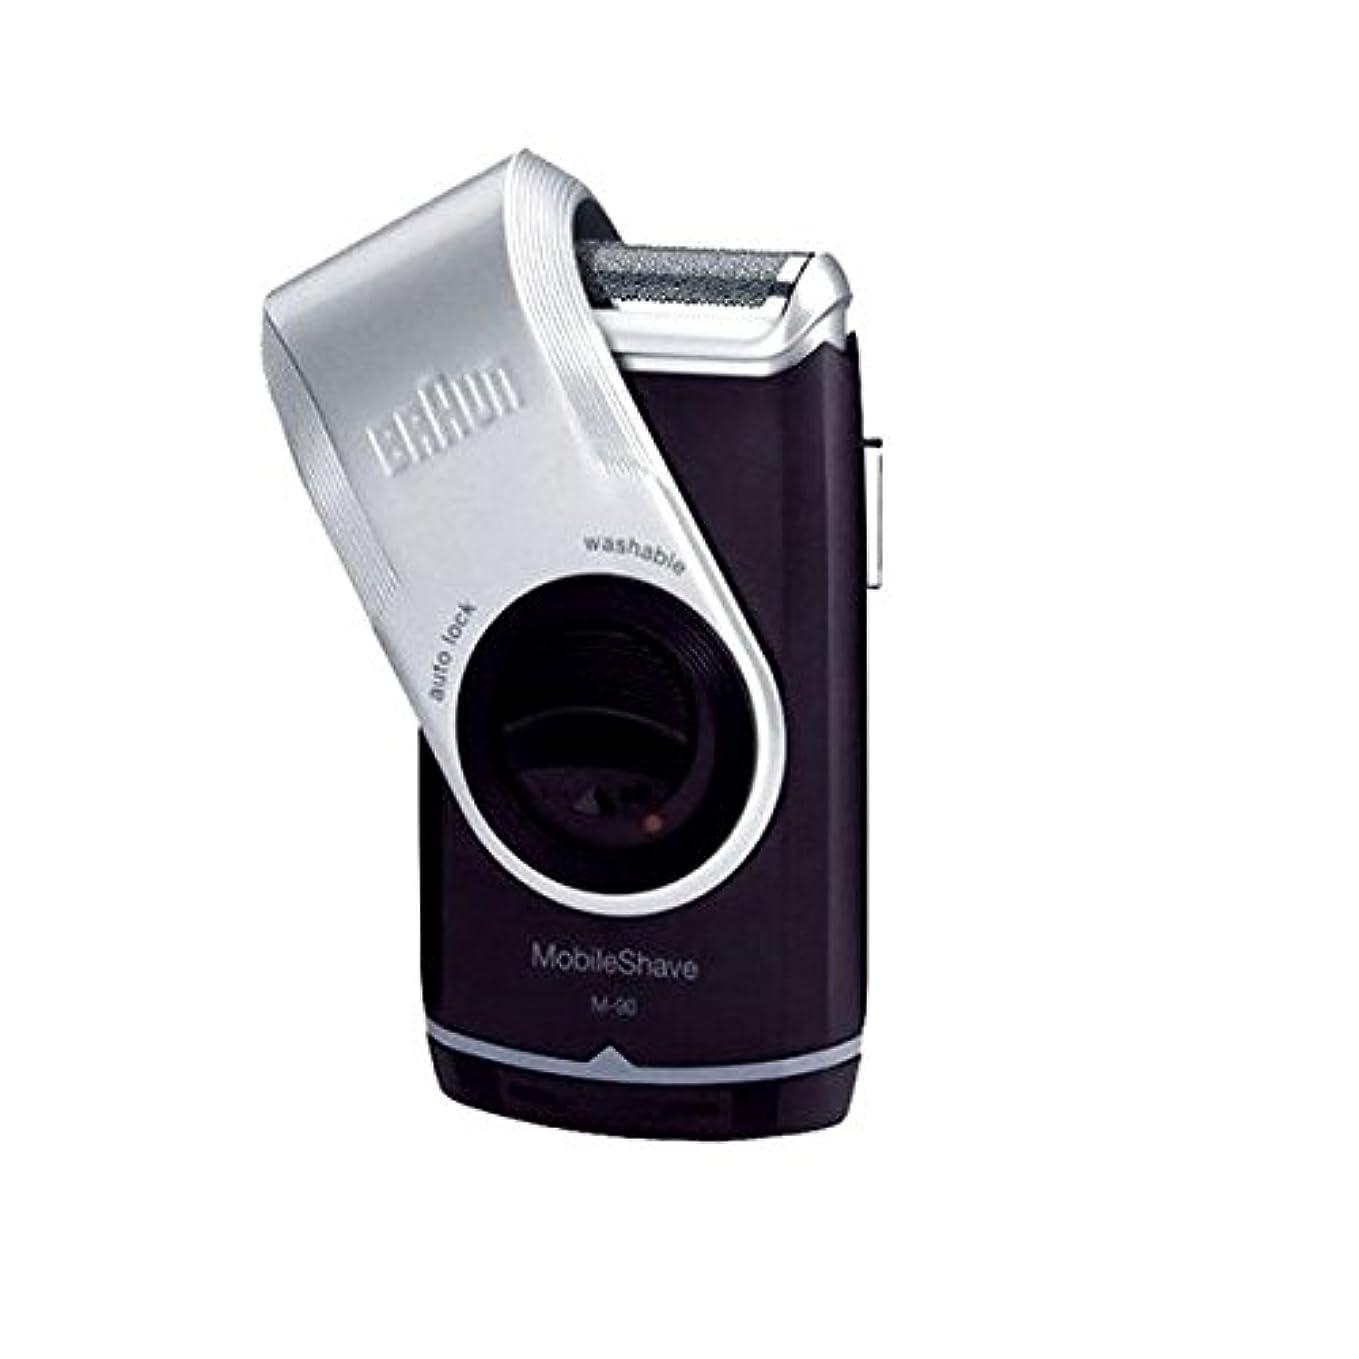 霧深い用心質素なBRAUN ブラウン 乾電池式 携帯用メンズシェーバー Mobile Shave M-90